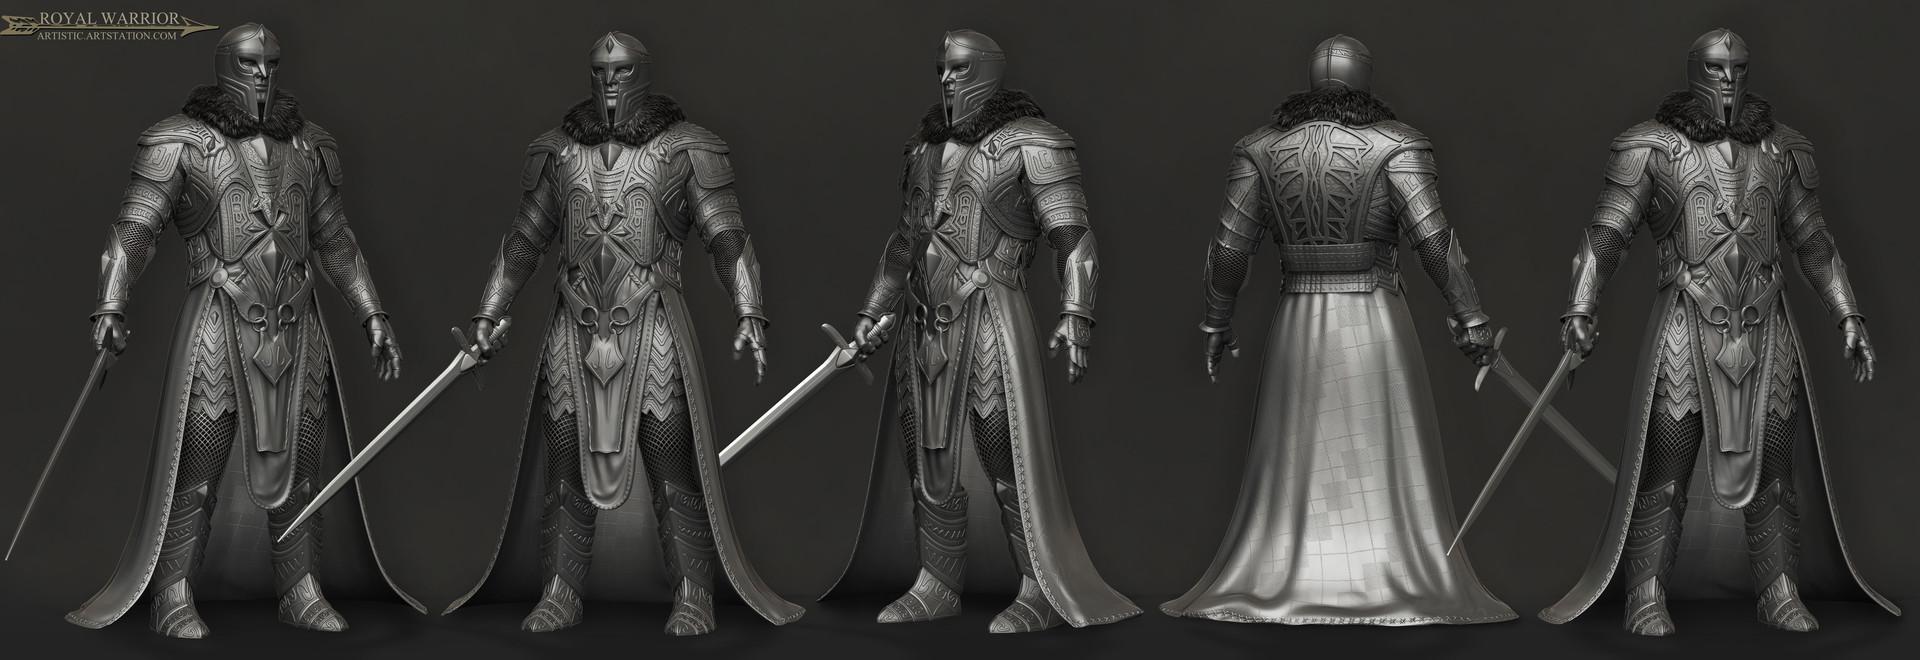 Prince luthra royal warrior03